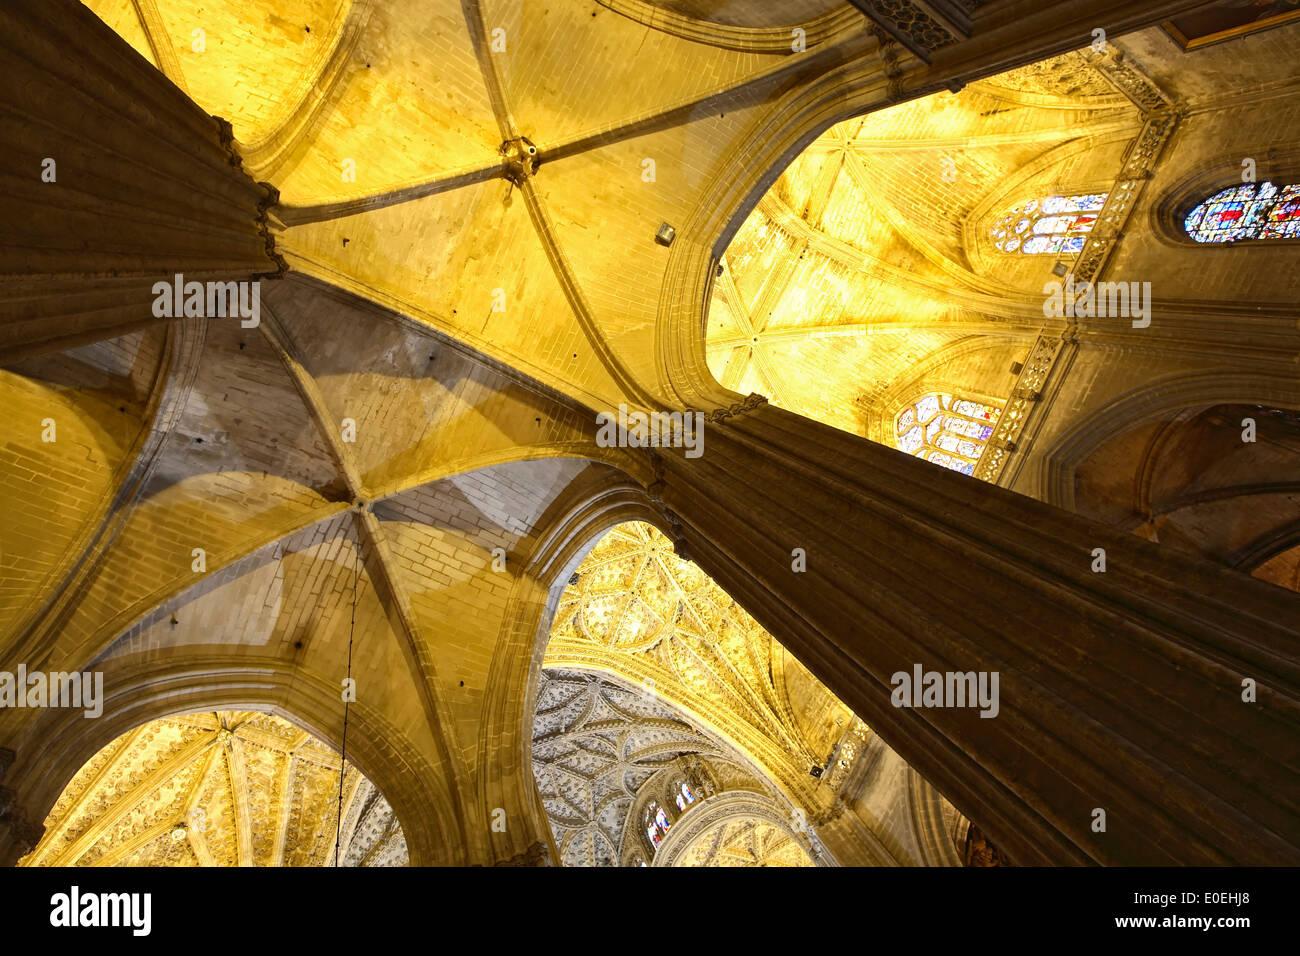 Détail du plafond et des colonnes, la Cathédrale de Séville, Séville, Espagne Photo Stock